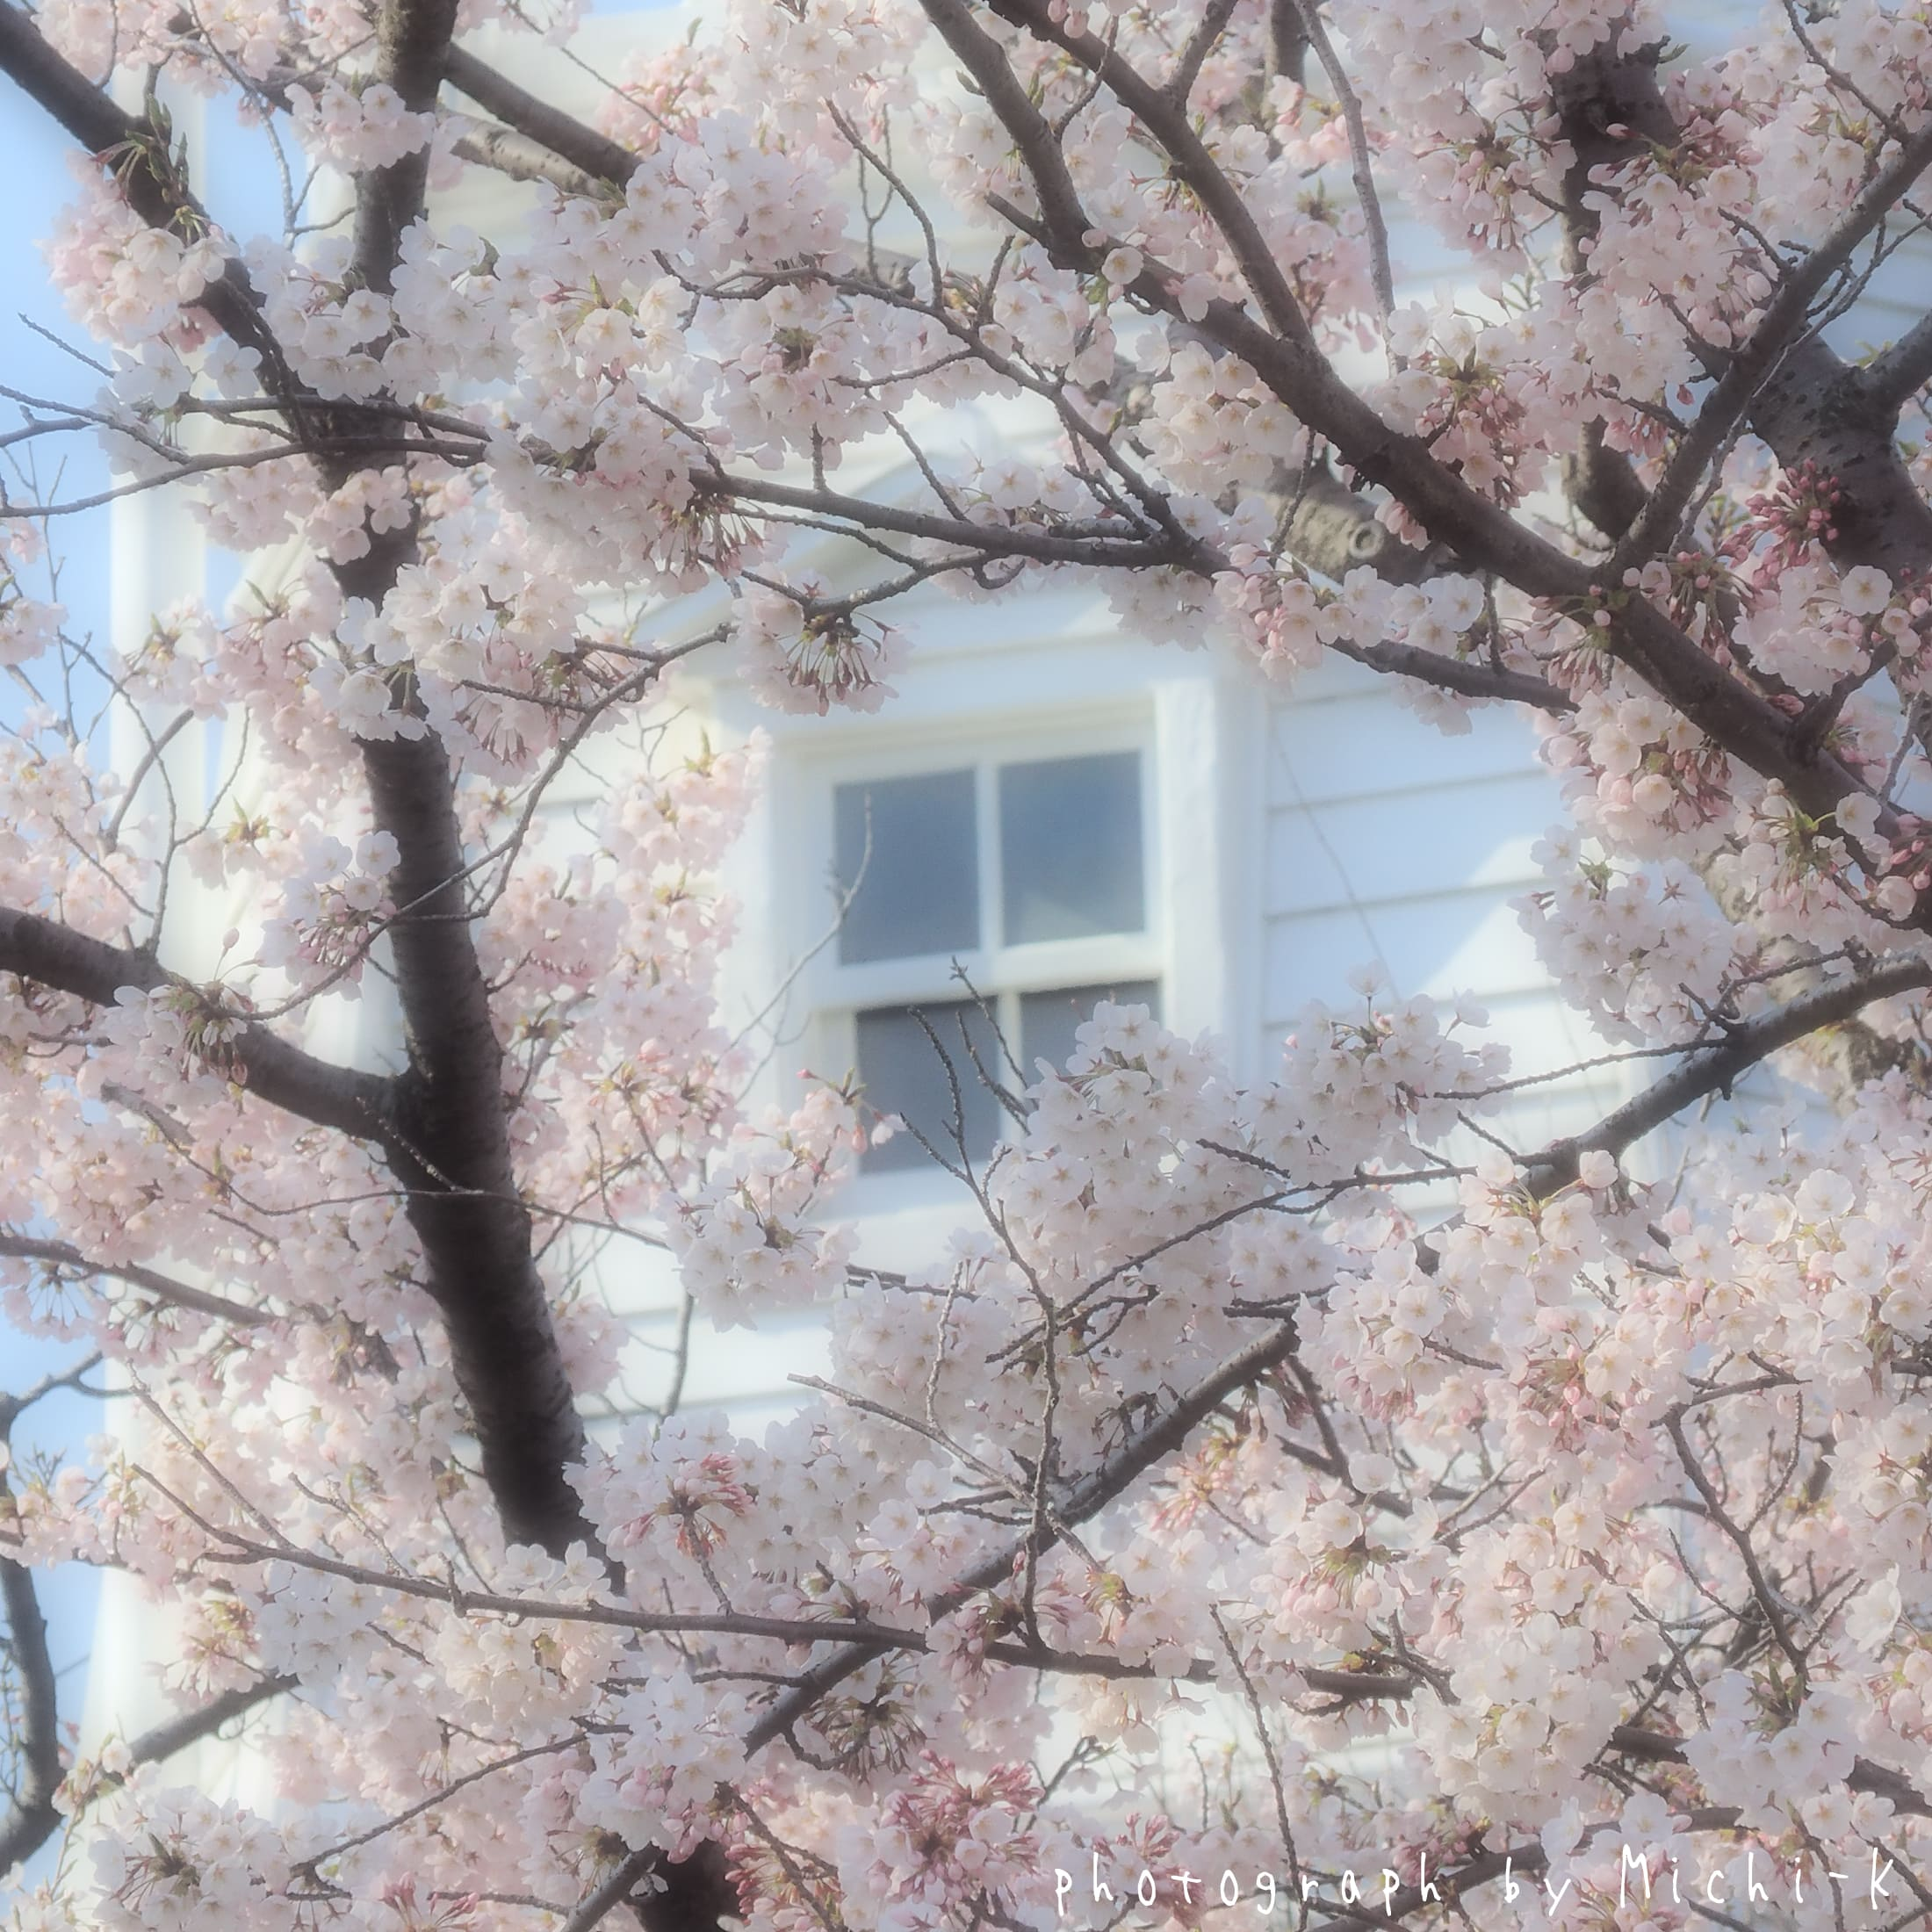 酒田市日和山公園、桜と灯台-2017/4/16 No.3